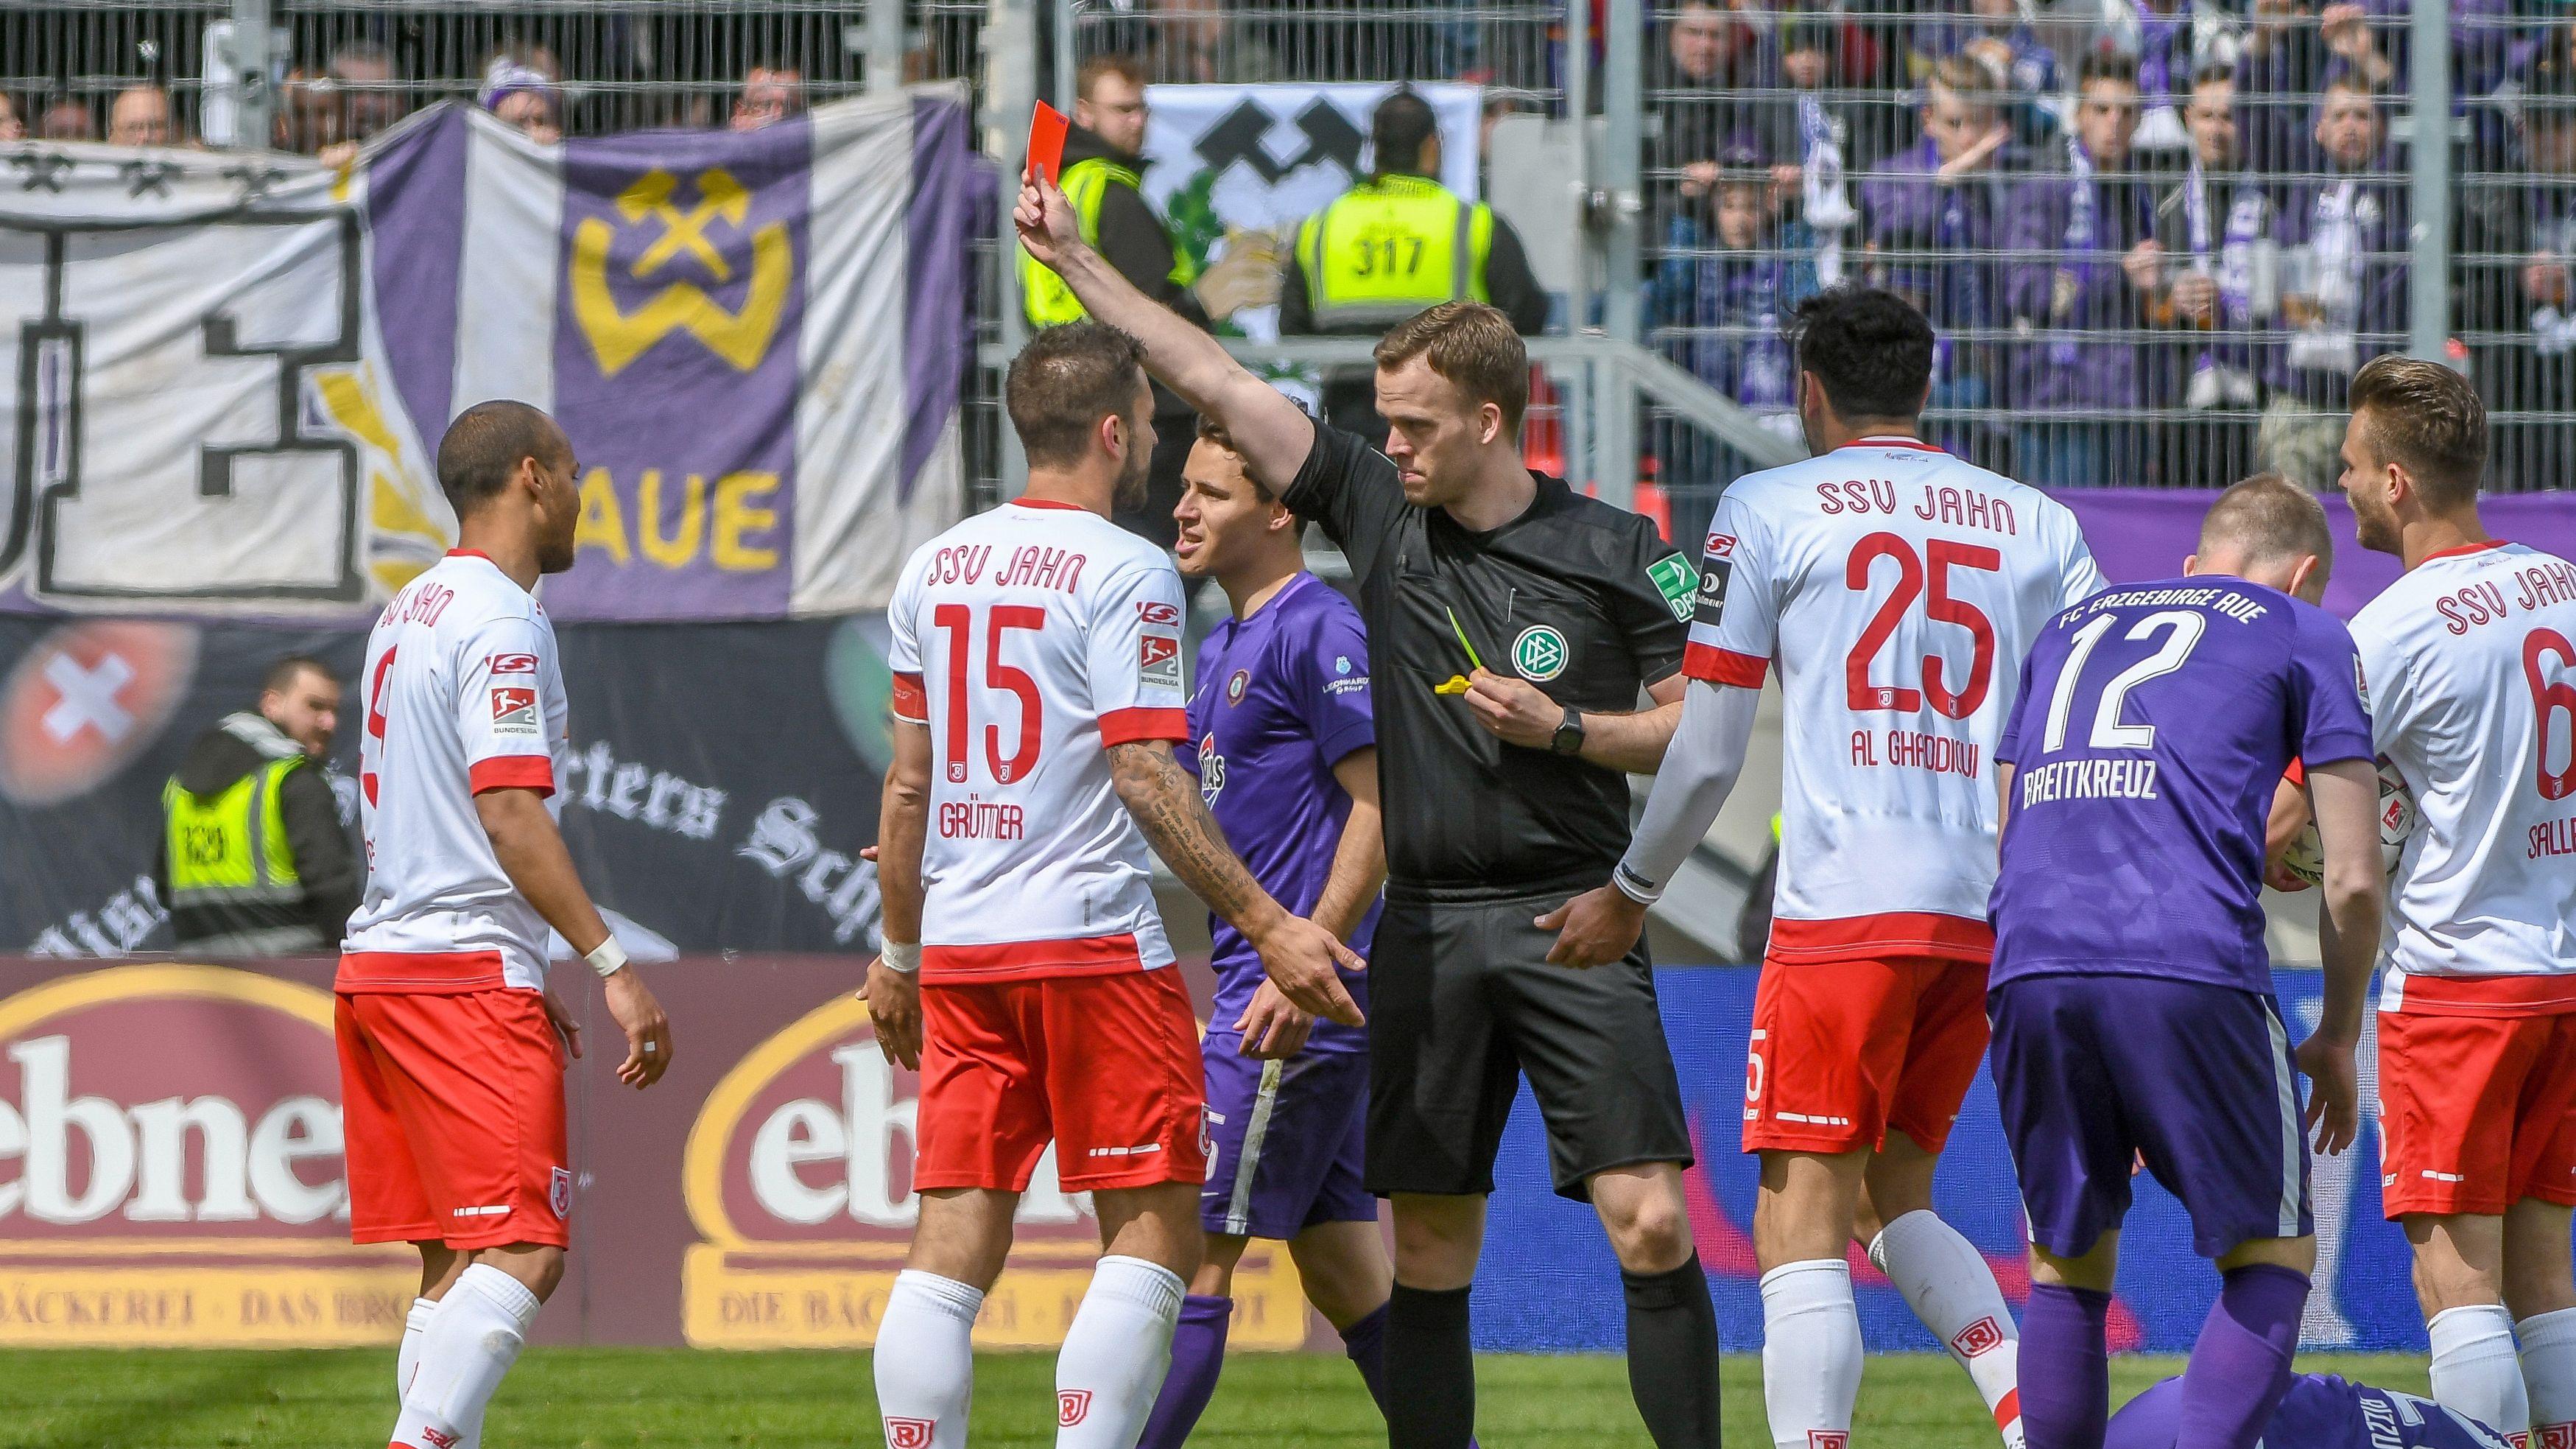 Rote Karte für Regensburg im Spiel gegen Aue